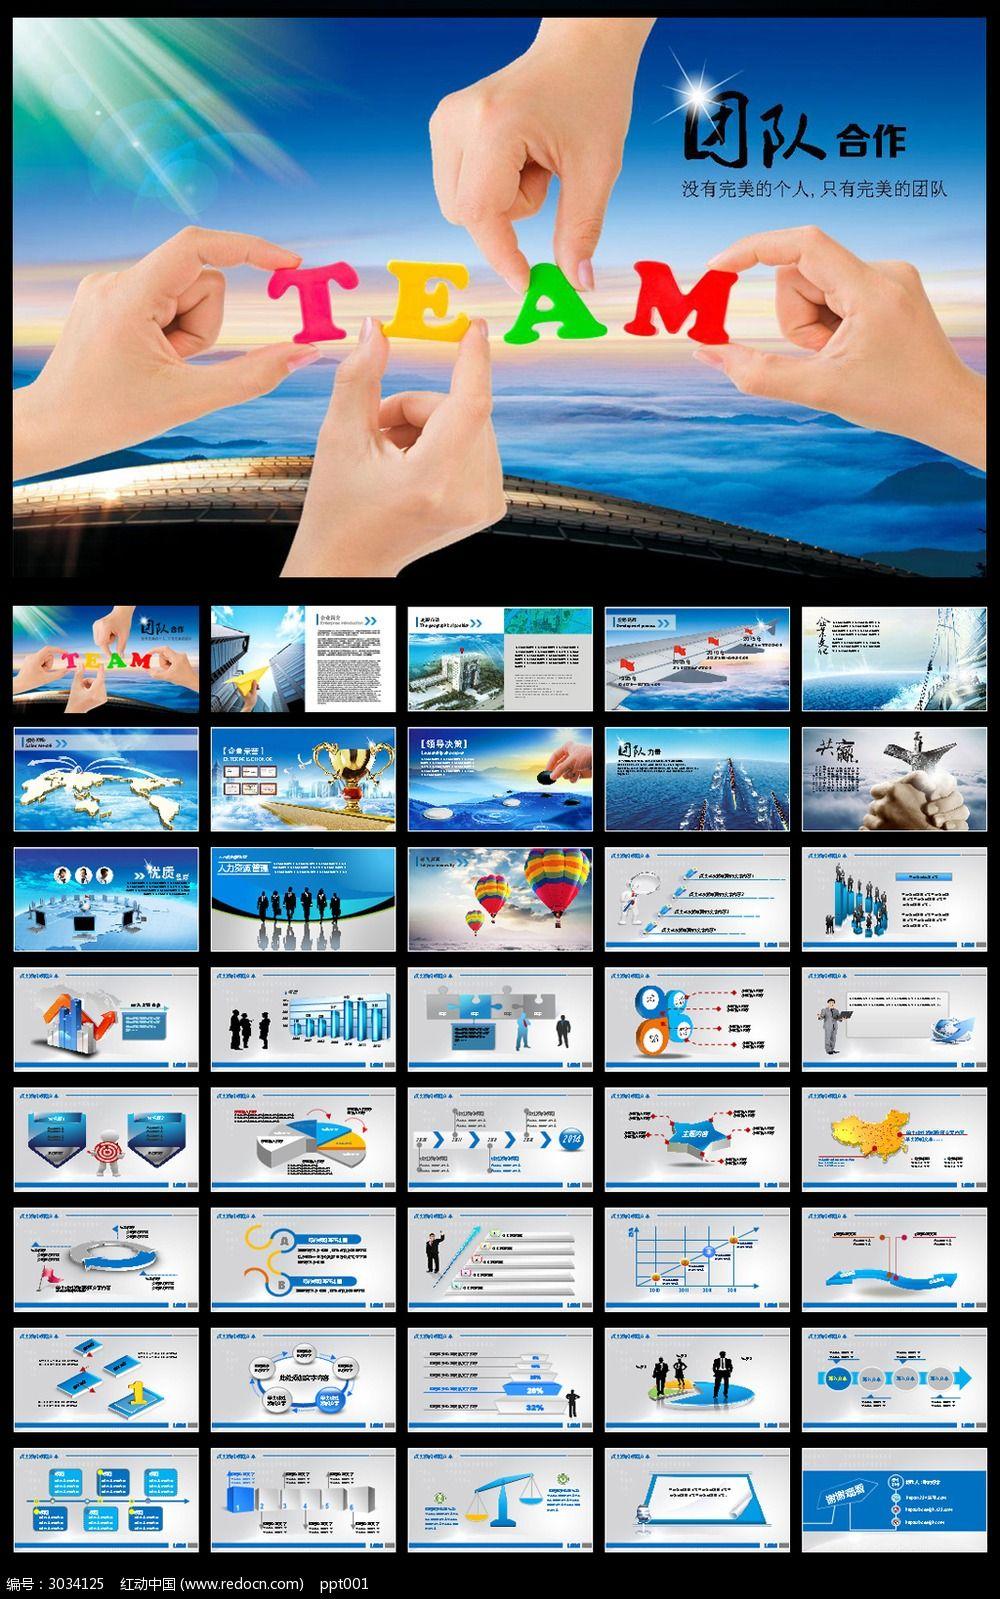 团队建设商务合作ppt模板